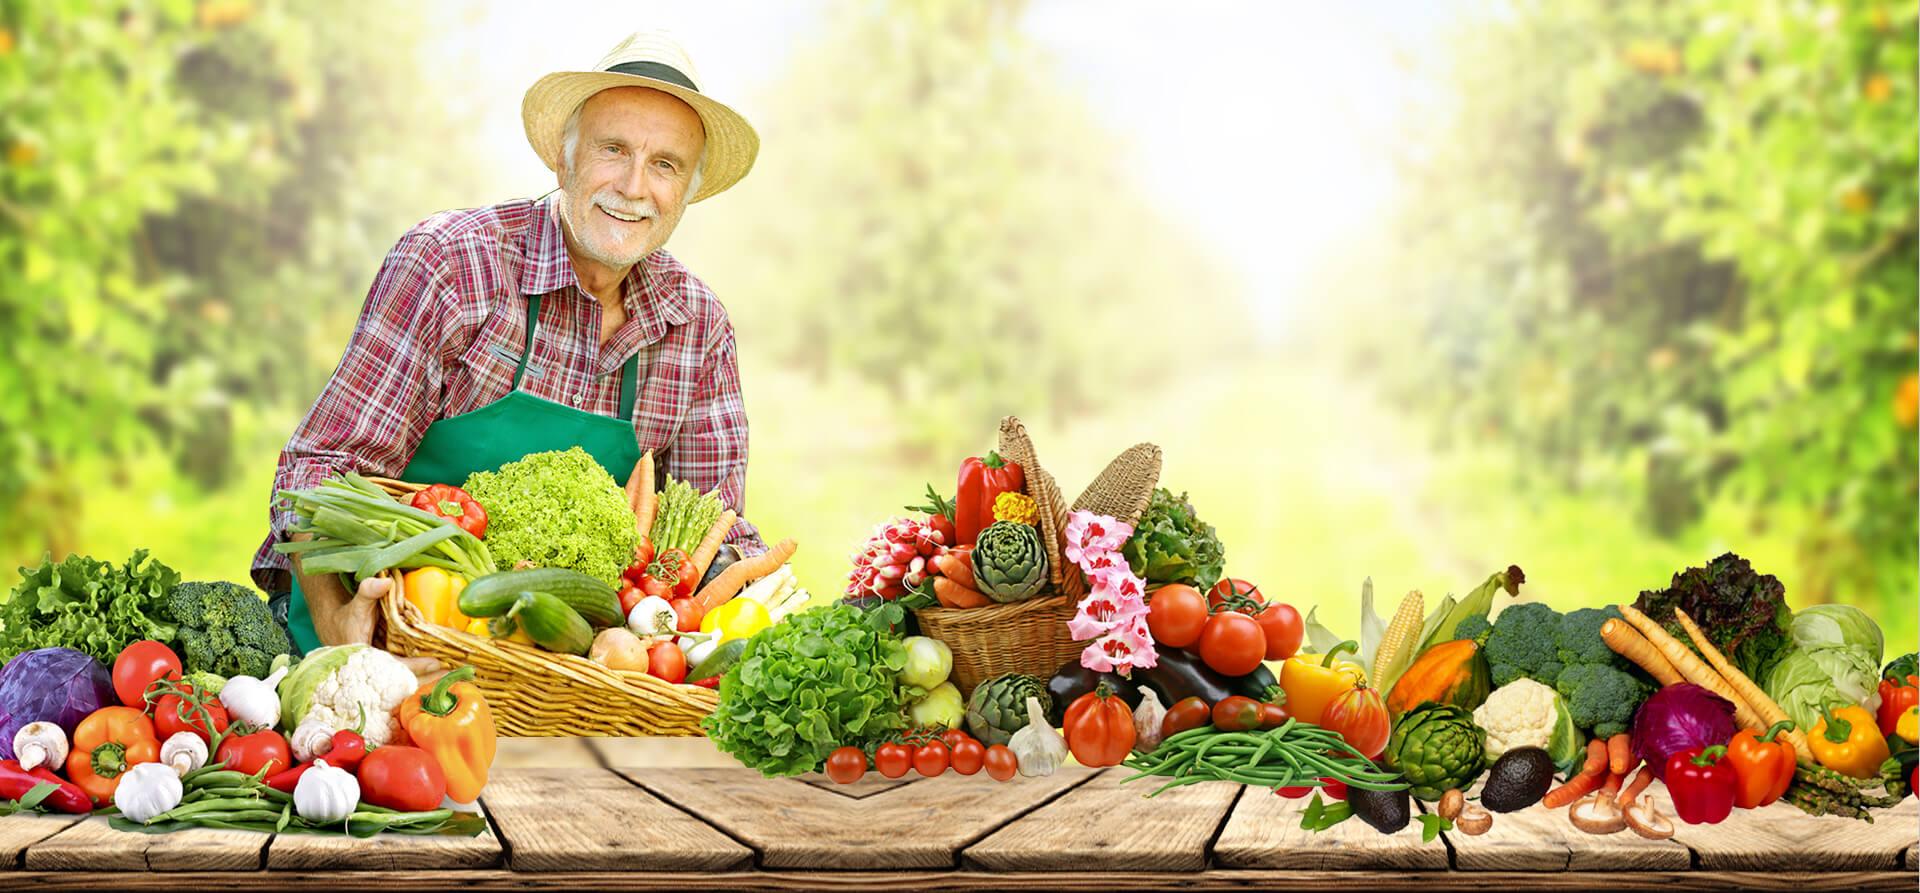 Co to jest Agromax? Stosowanie i skład